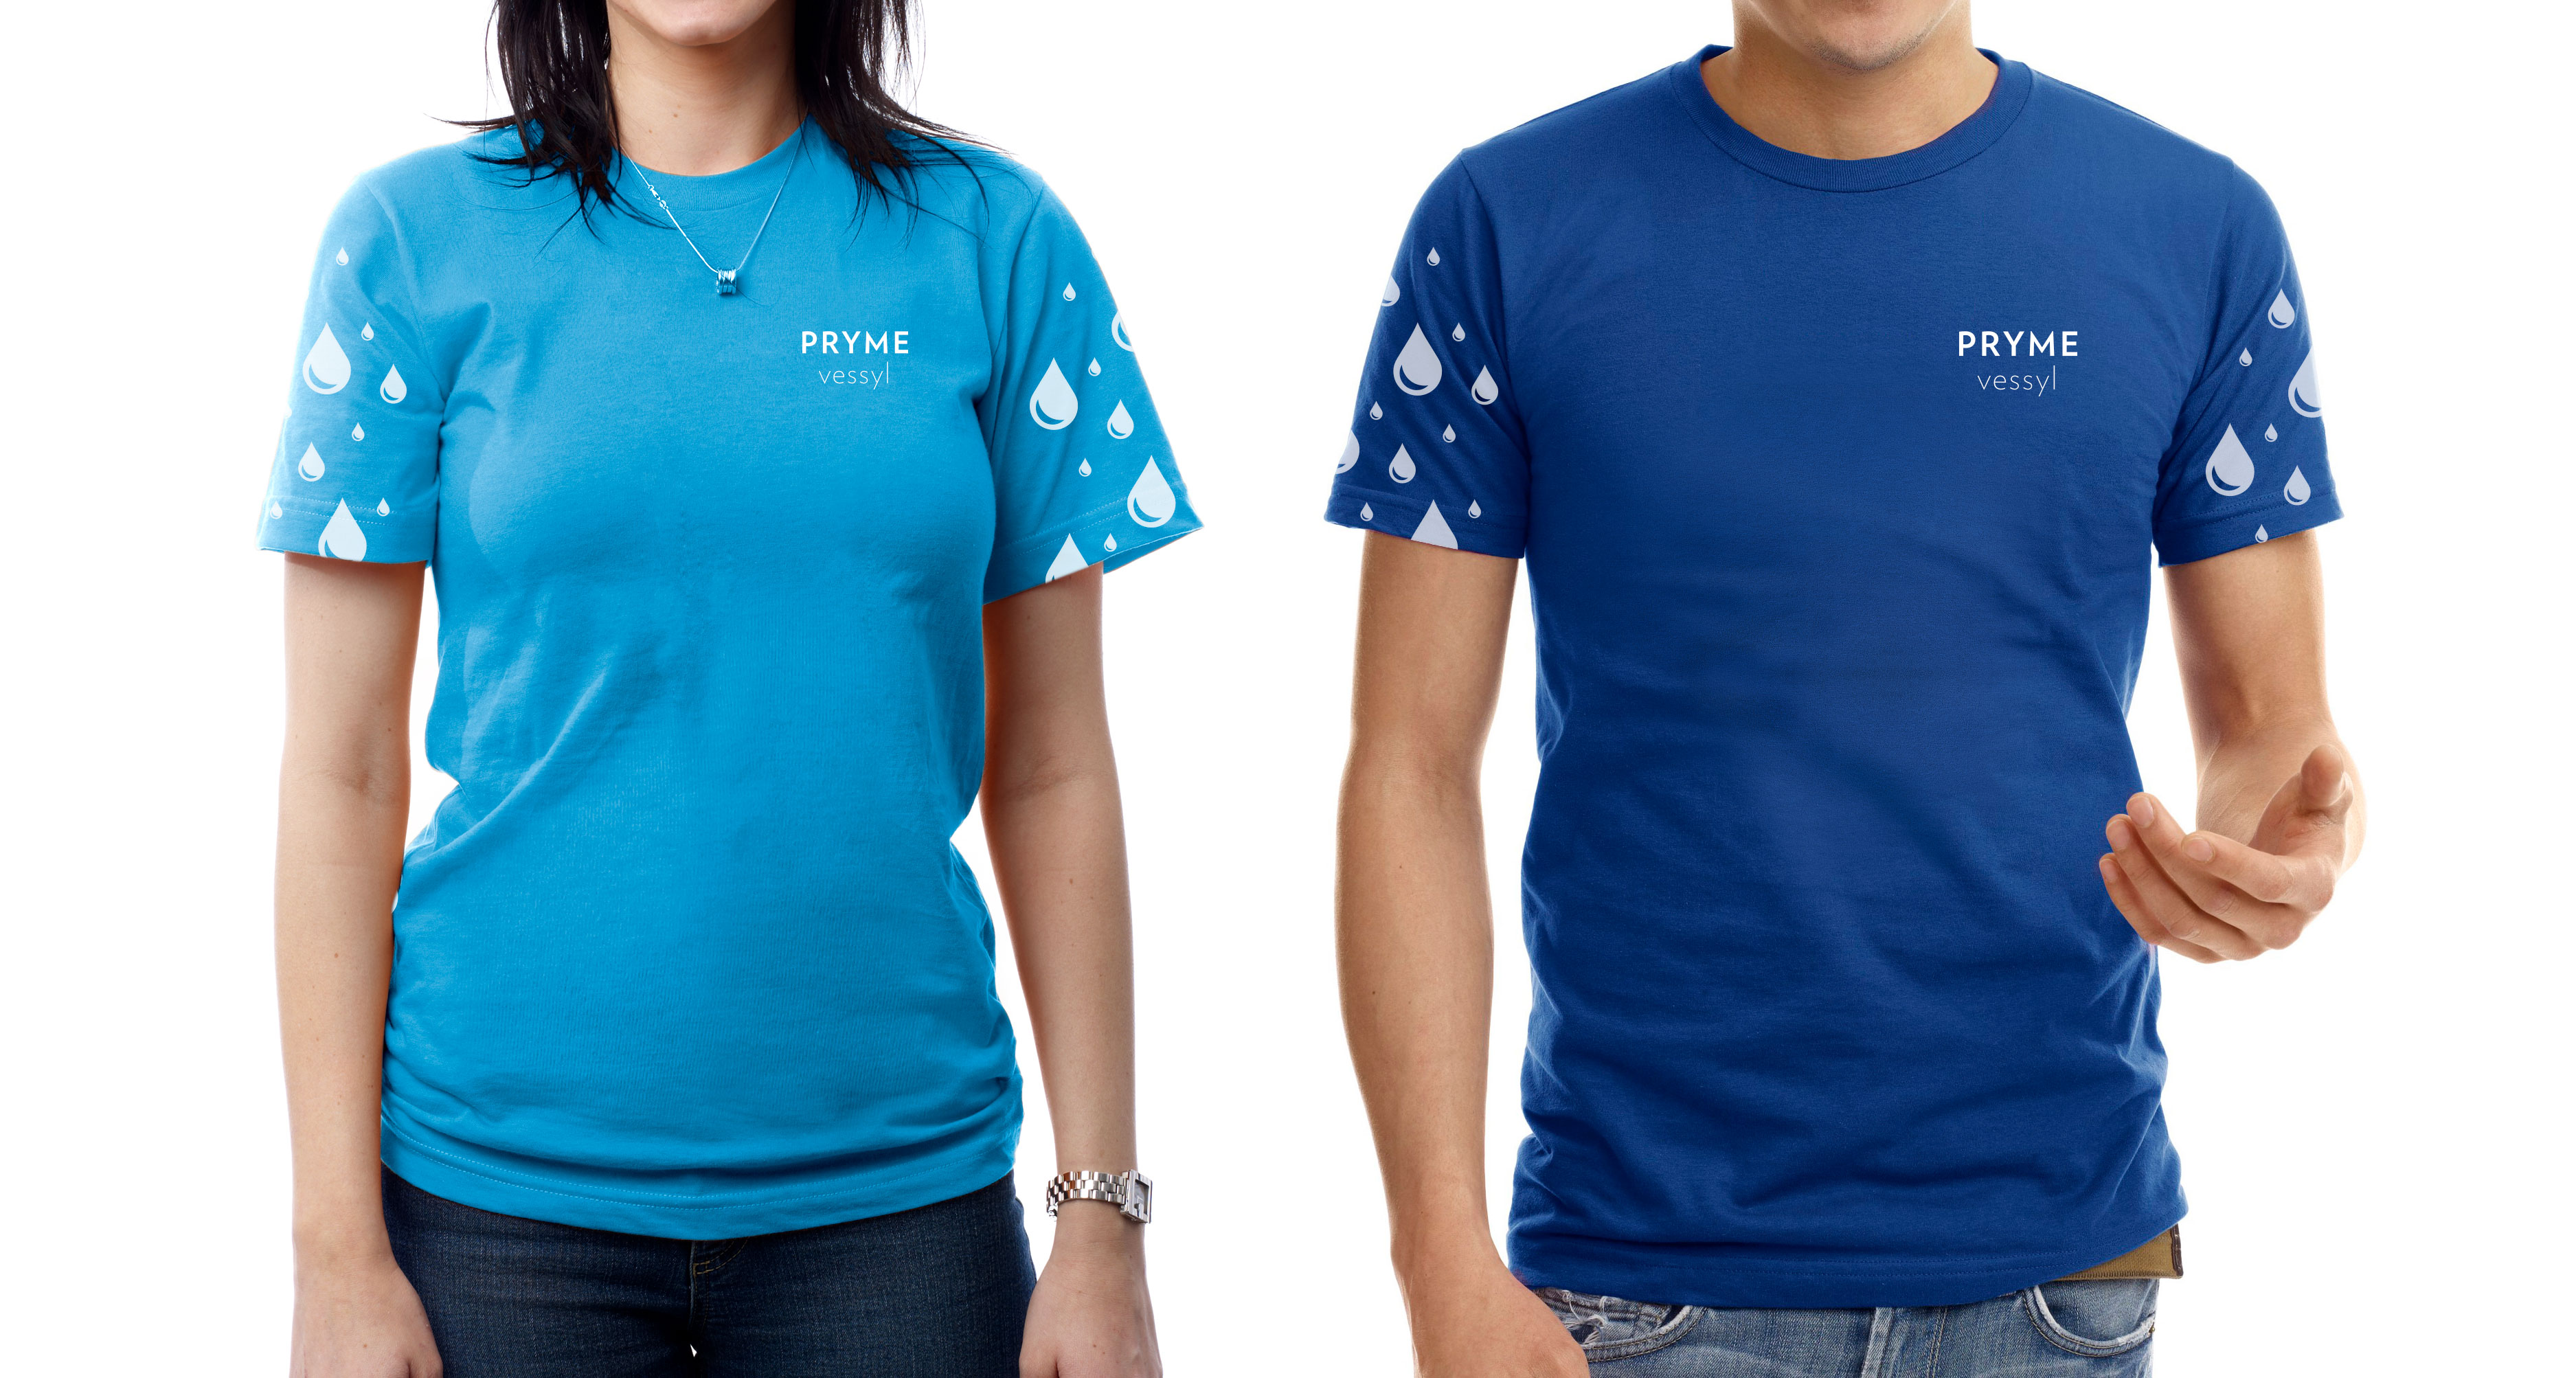 pryme-tshirt